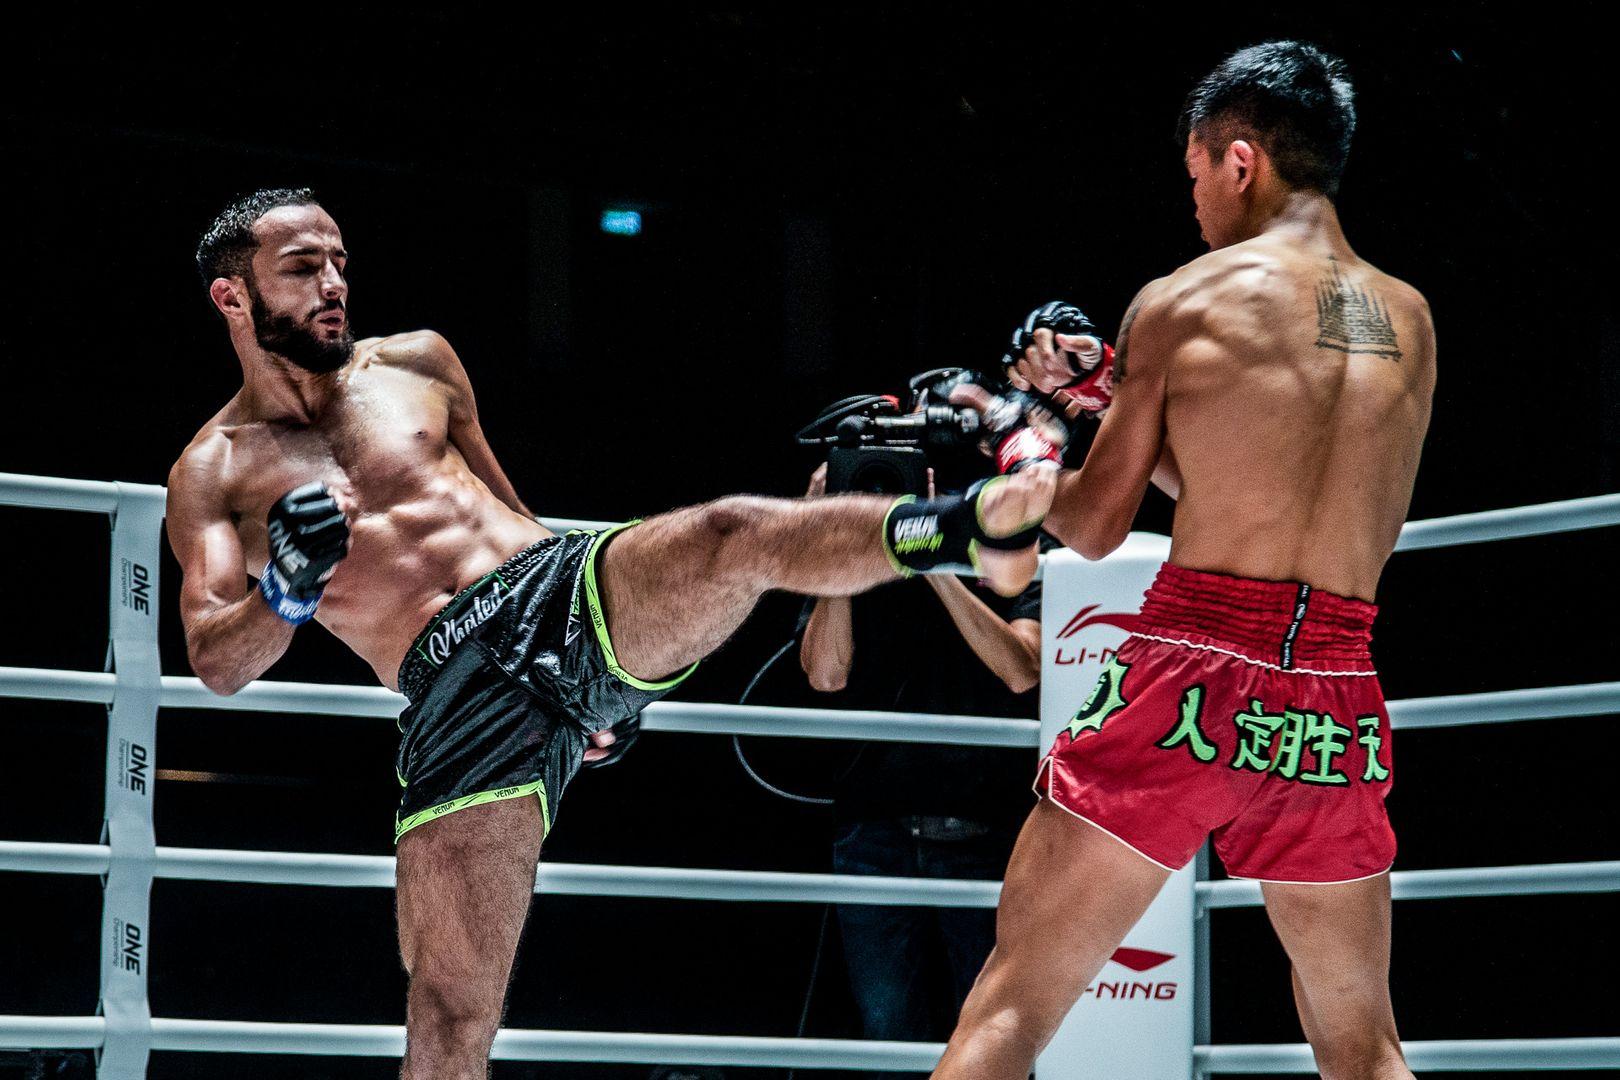 Tunisia's Fahdi Khaled throws a kick at Huang Ding